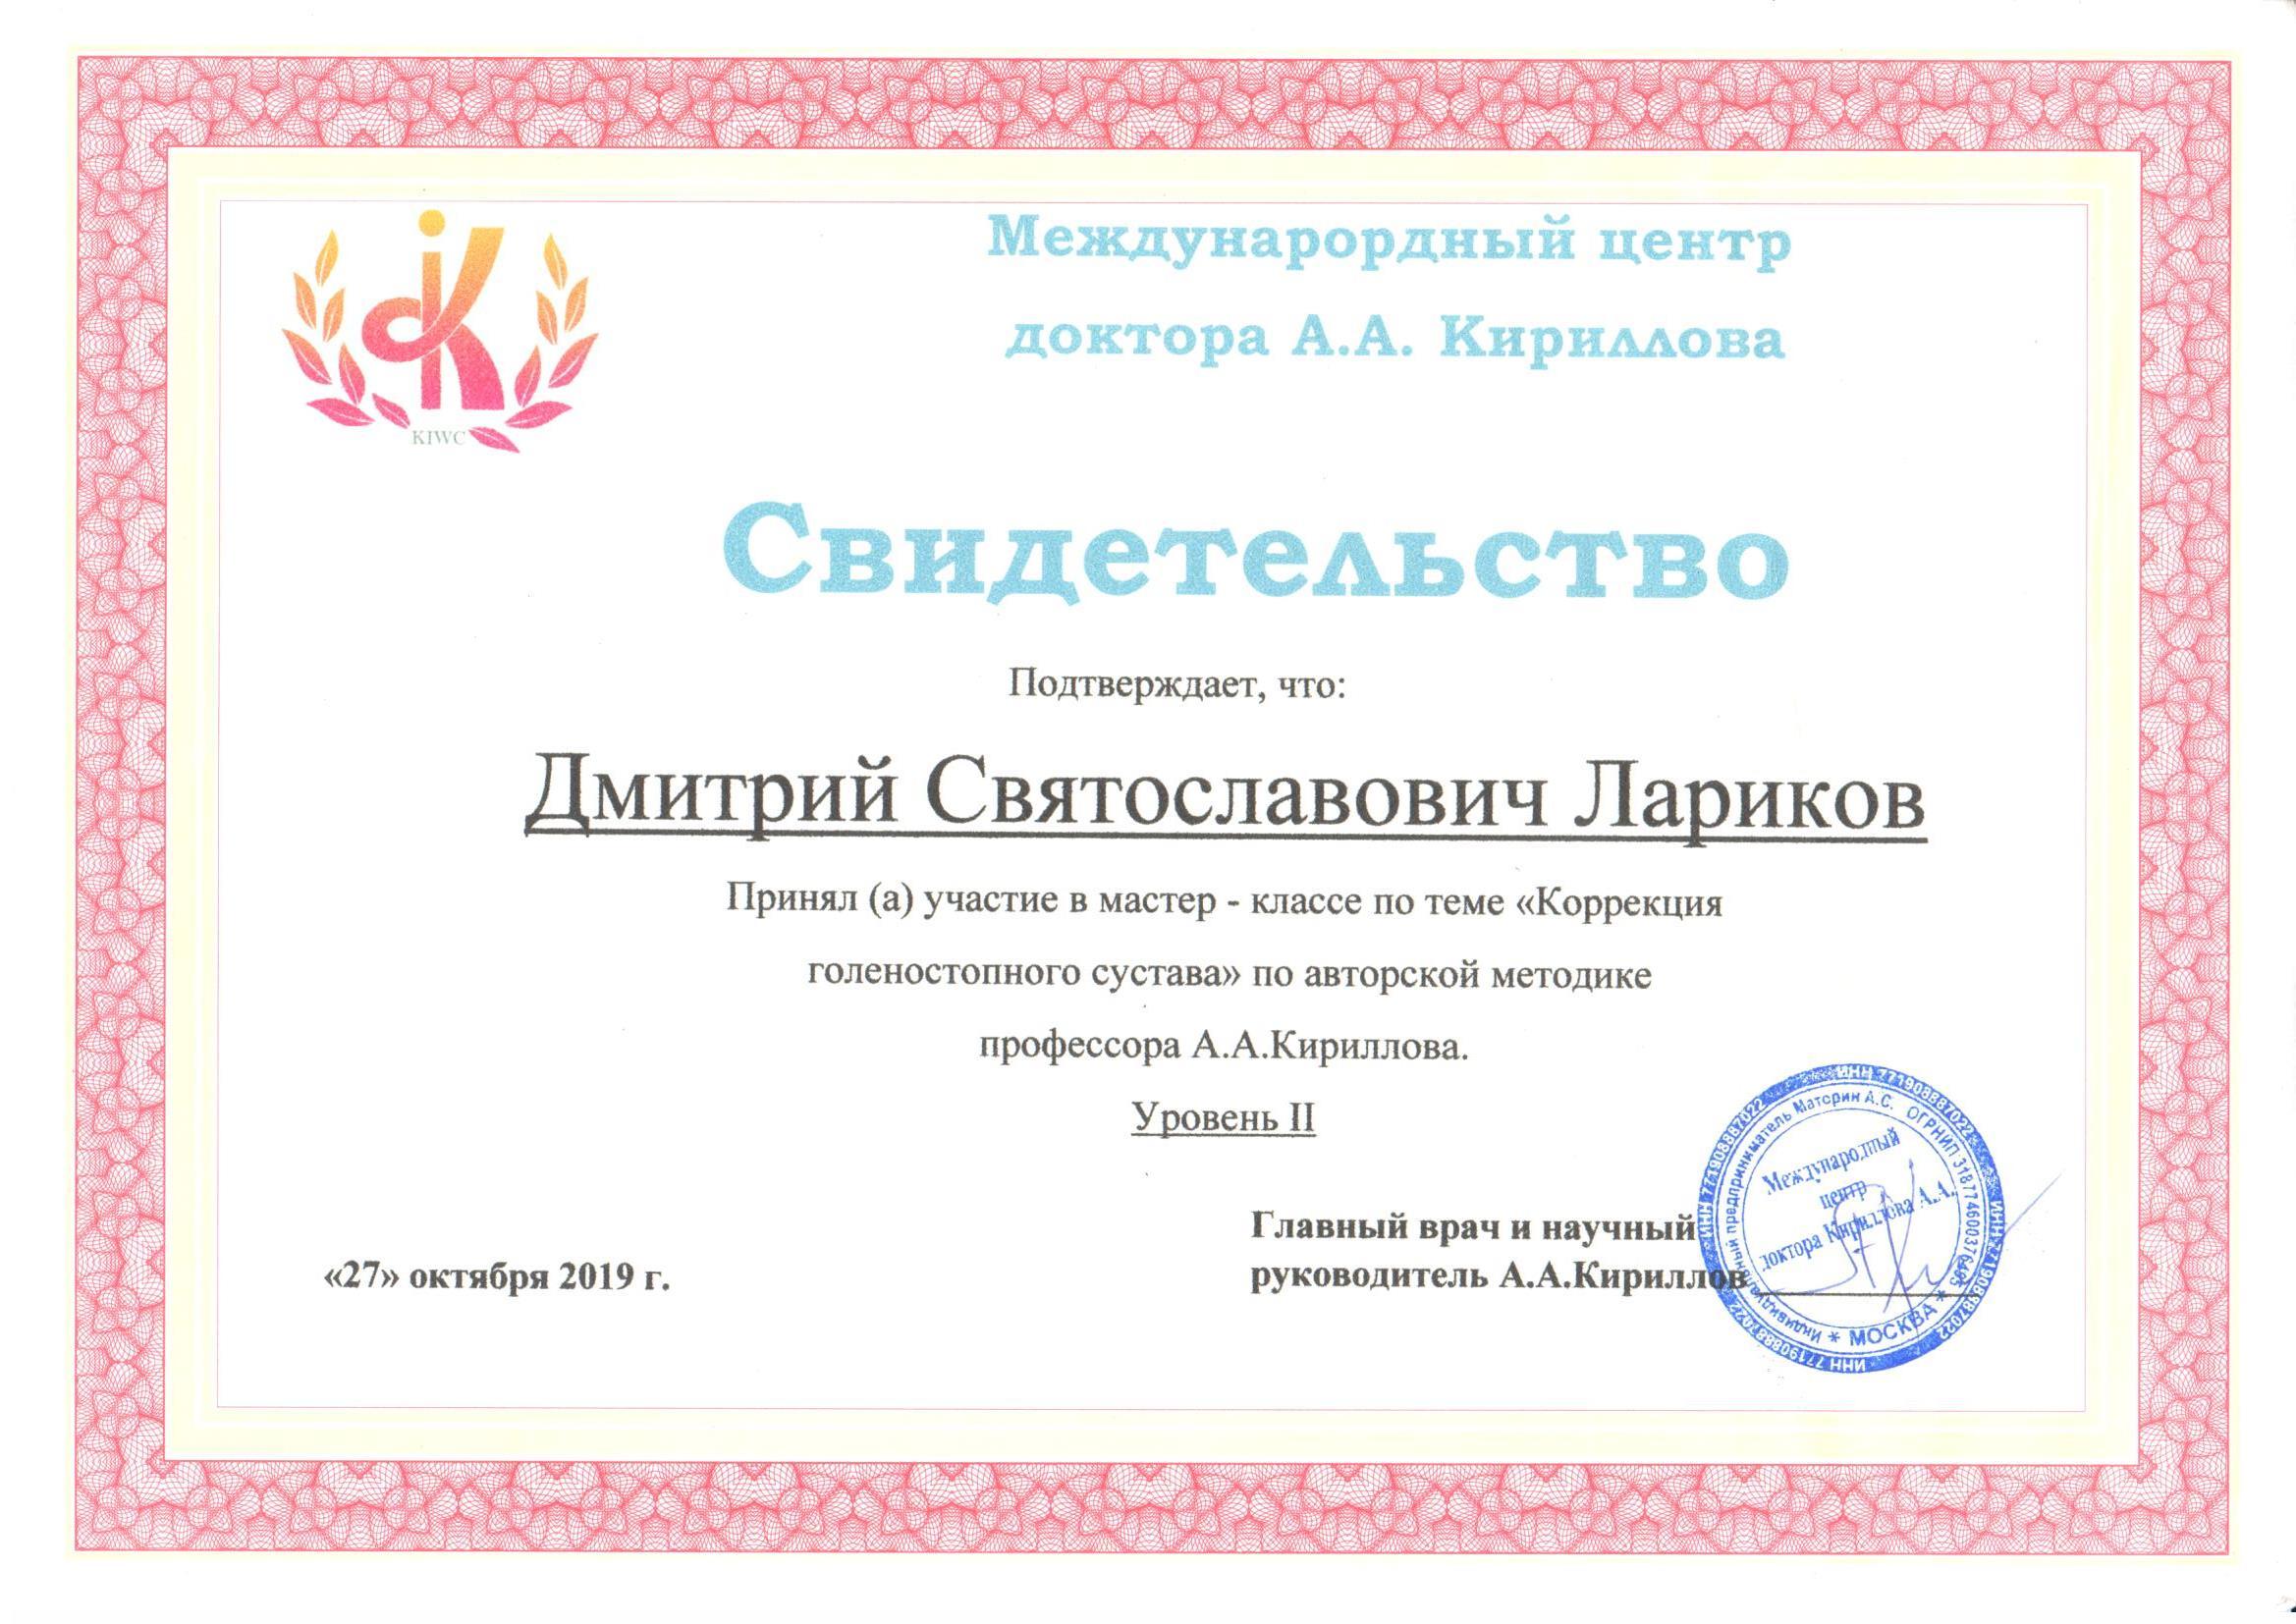 Кириллов Голеностопный 2 10-2019